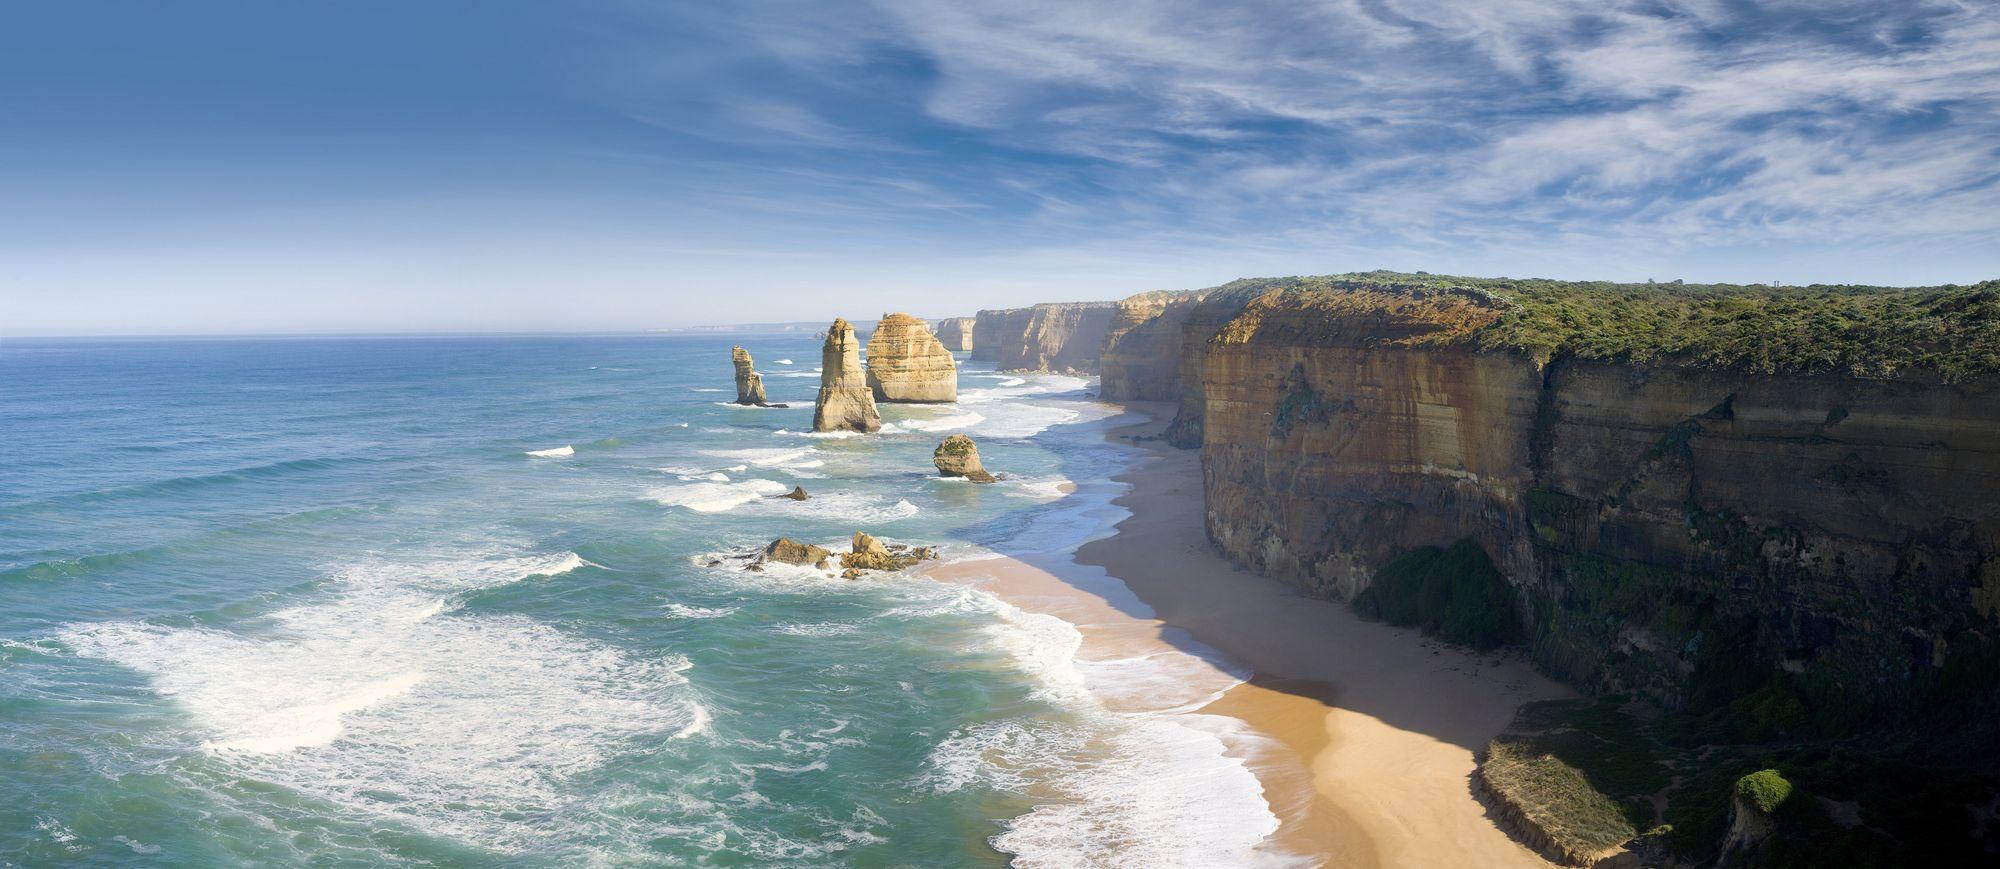 12_apostles_2 © Tourism Victoria